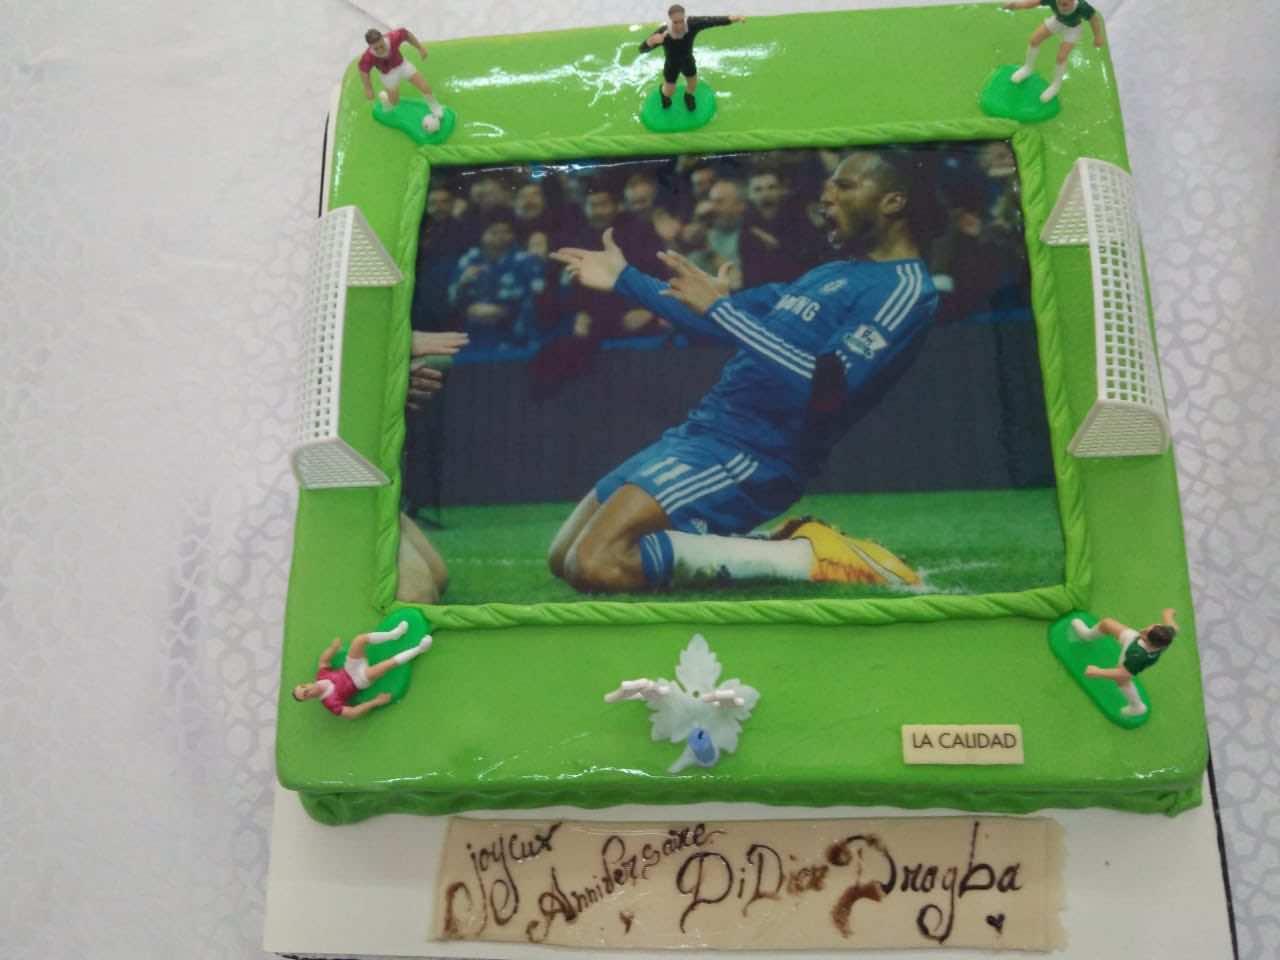 Didier Drogba birthday cake